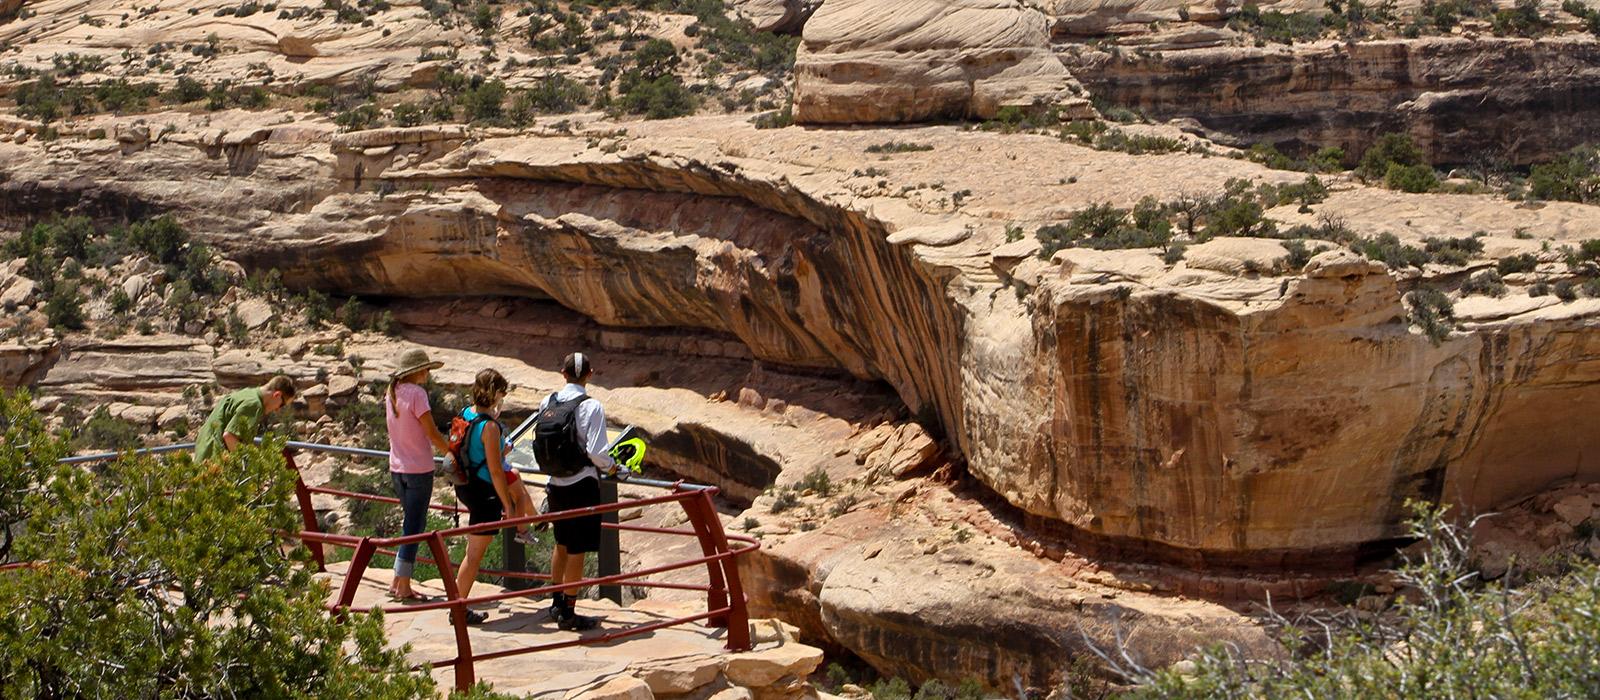 People hiking in Utah in the Bears Ears.